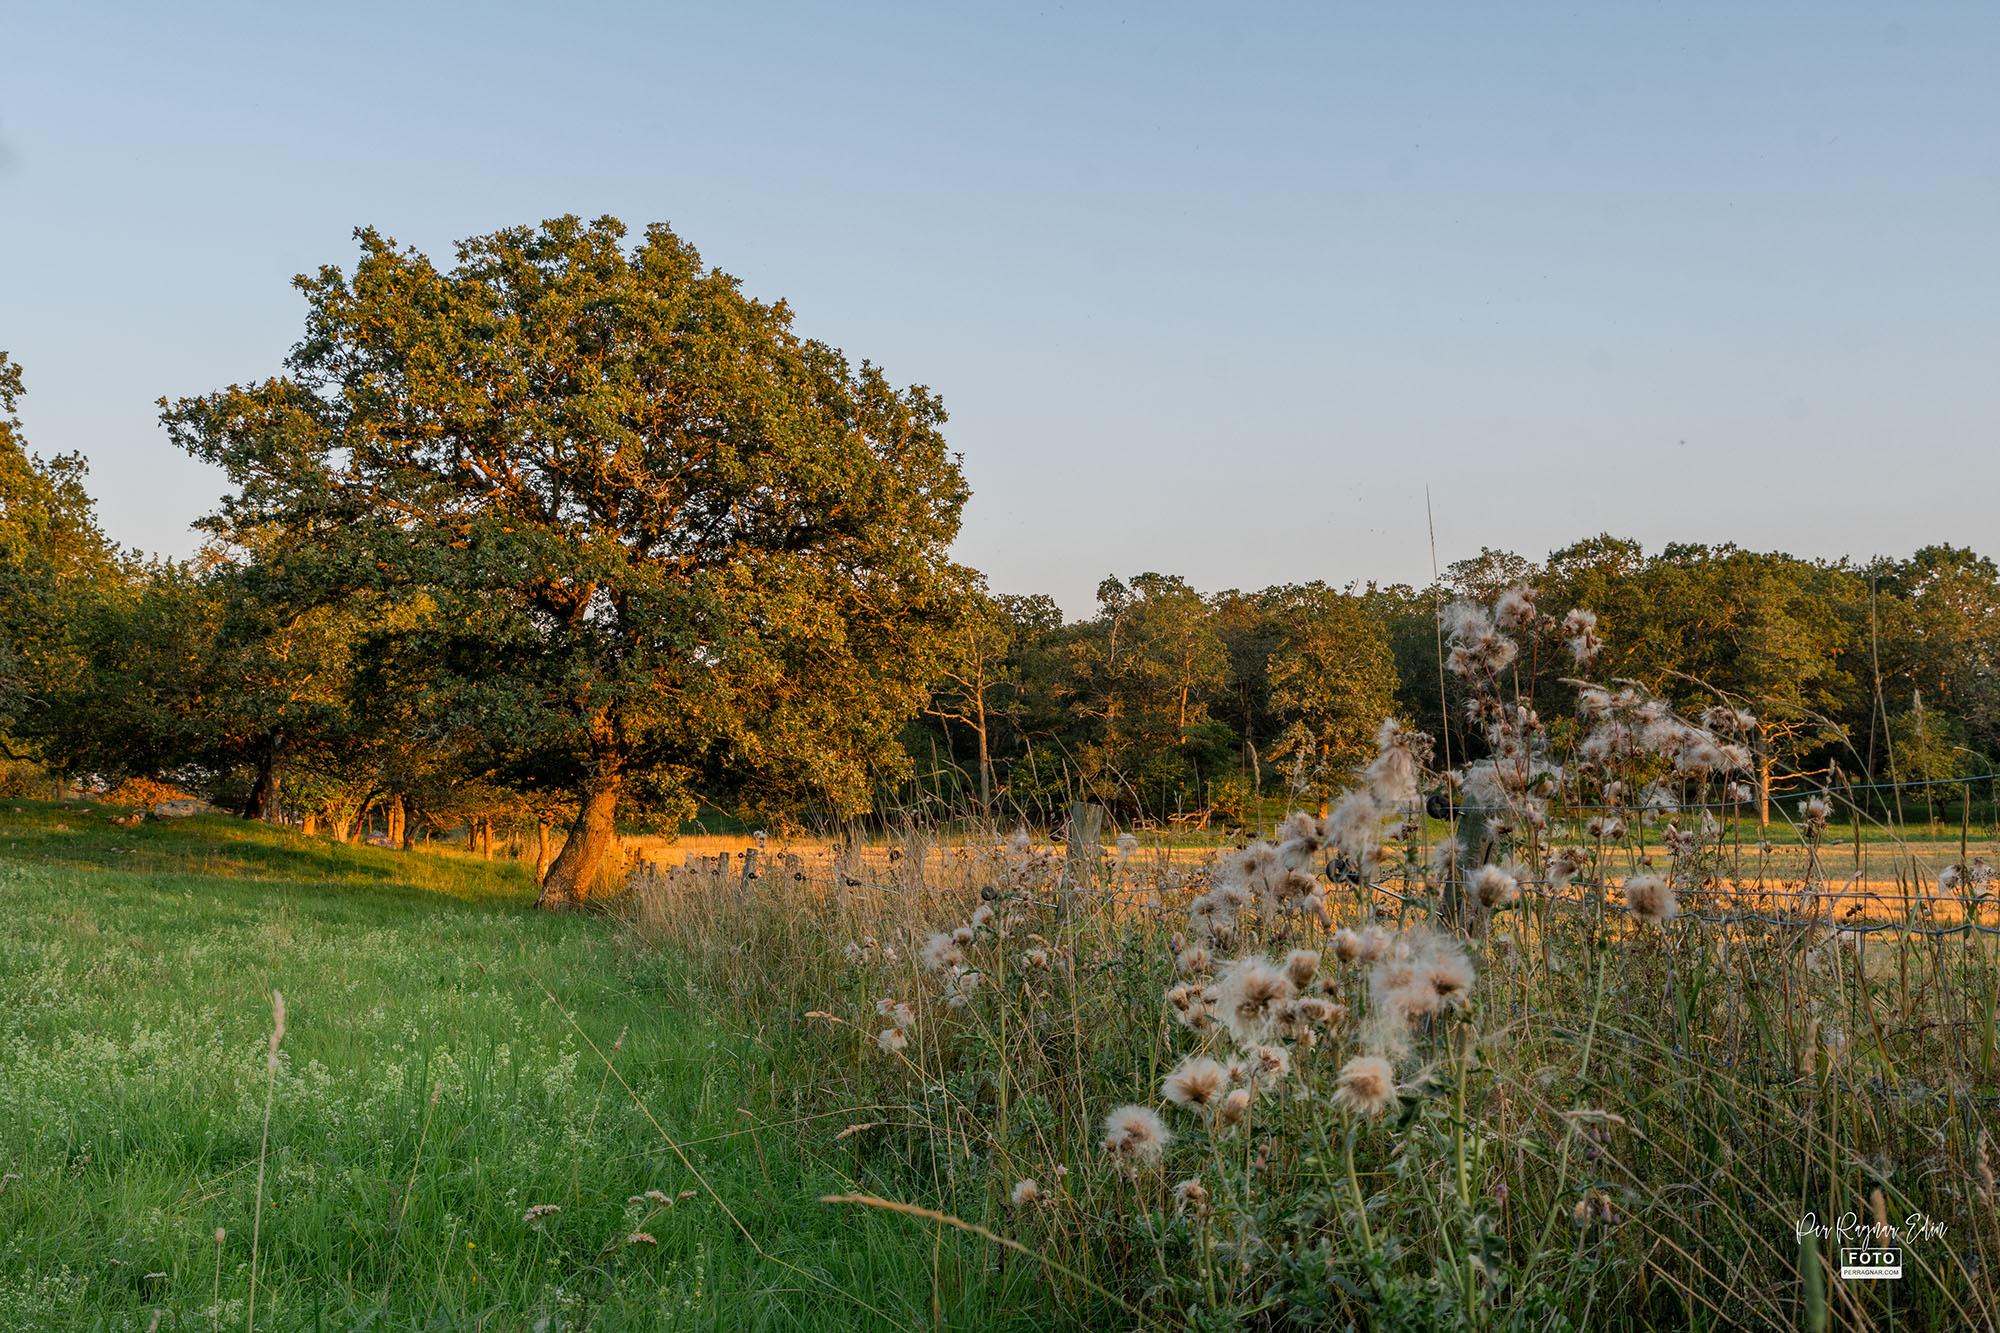 Eken i hagen på sensommaren